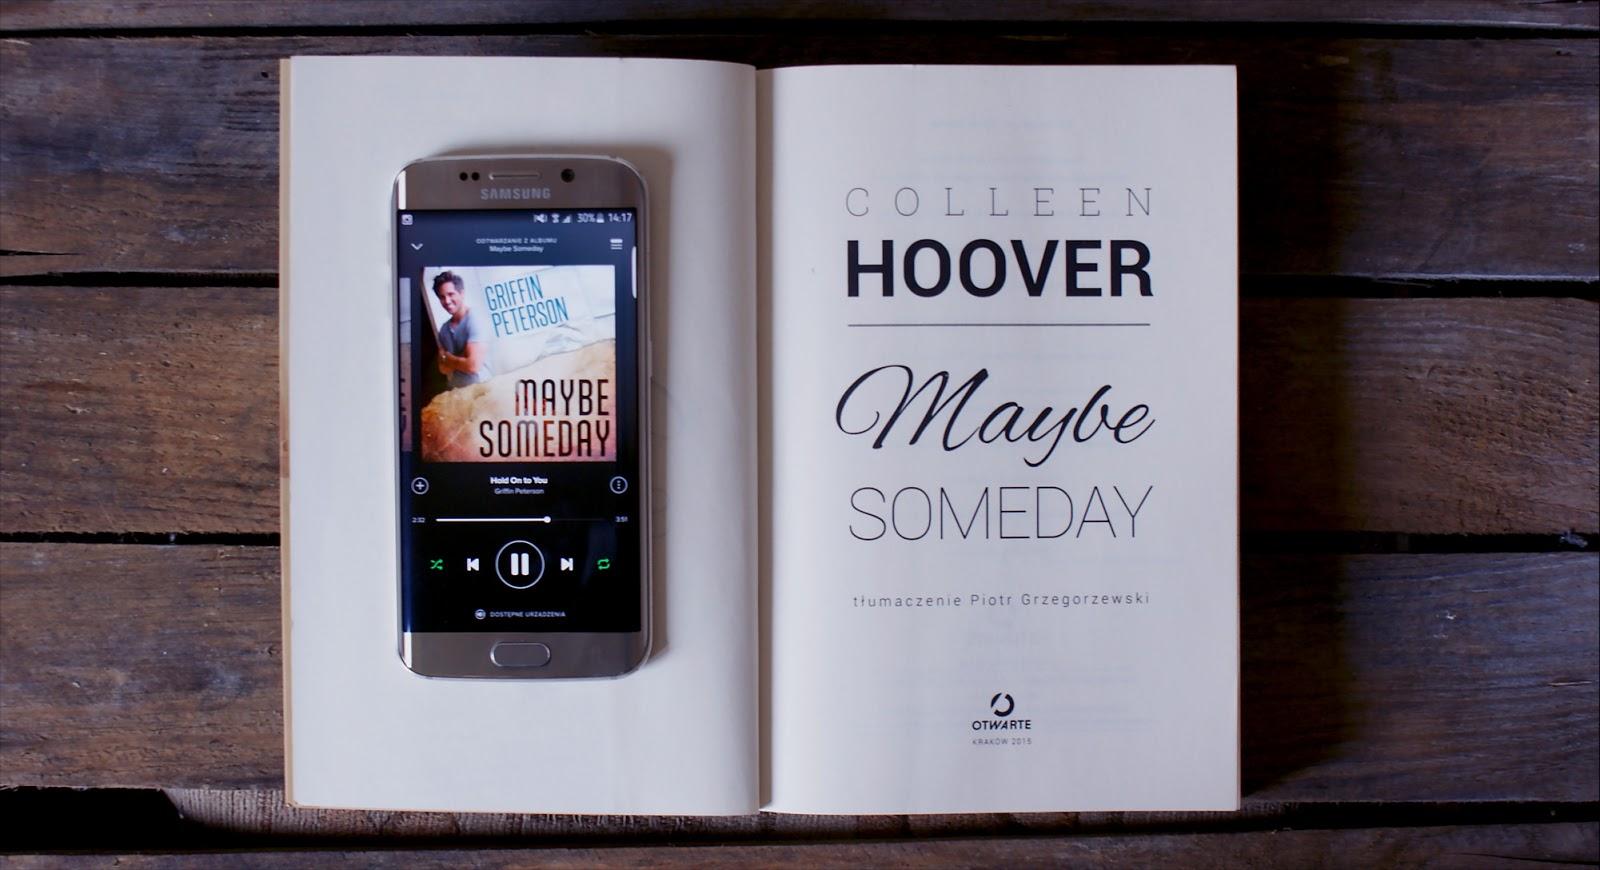 Maybe Someday, Colleen Hoover, romans, Sydney, Ridge, miłość, książka, drewniane tło, telefon, spotify, muzyka, Samsung, Samsung galaxy s6 edge